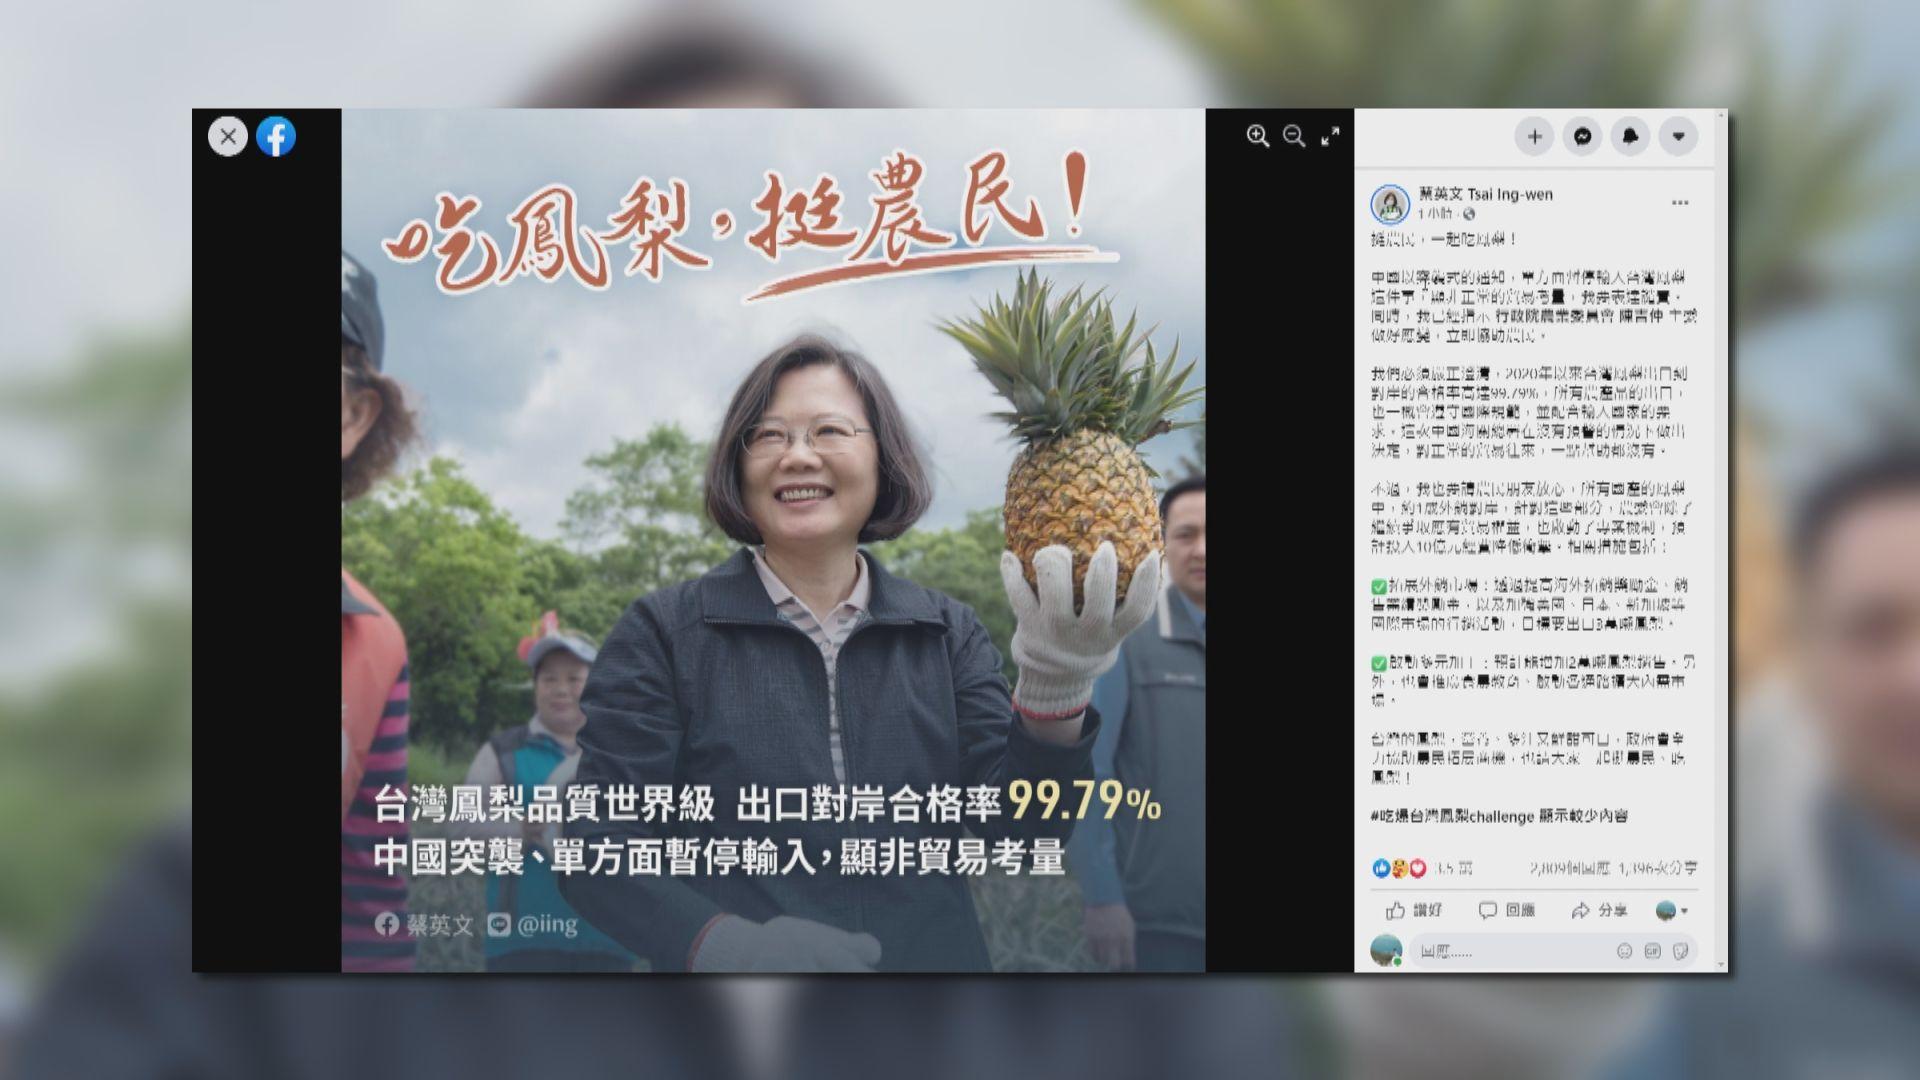 大陸三月起禁台灣菠蘿進口 蔡英文:非正常貿易考量